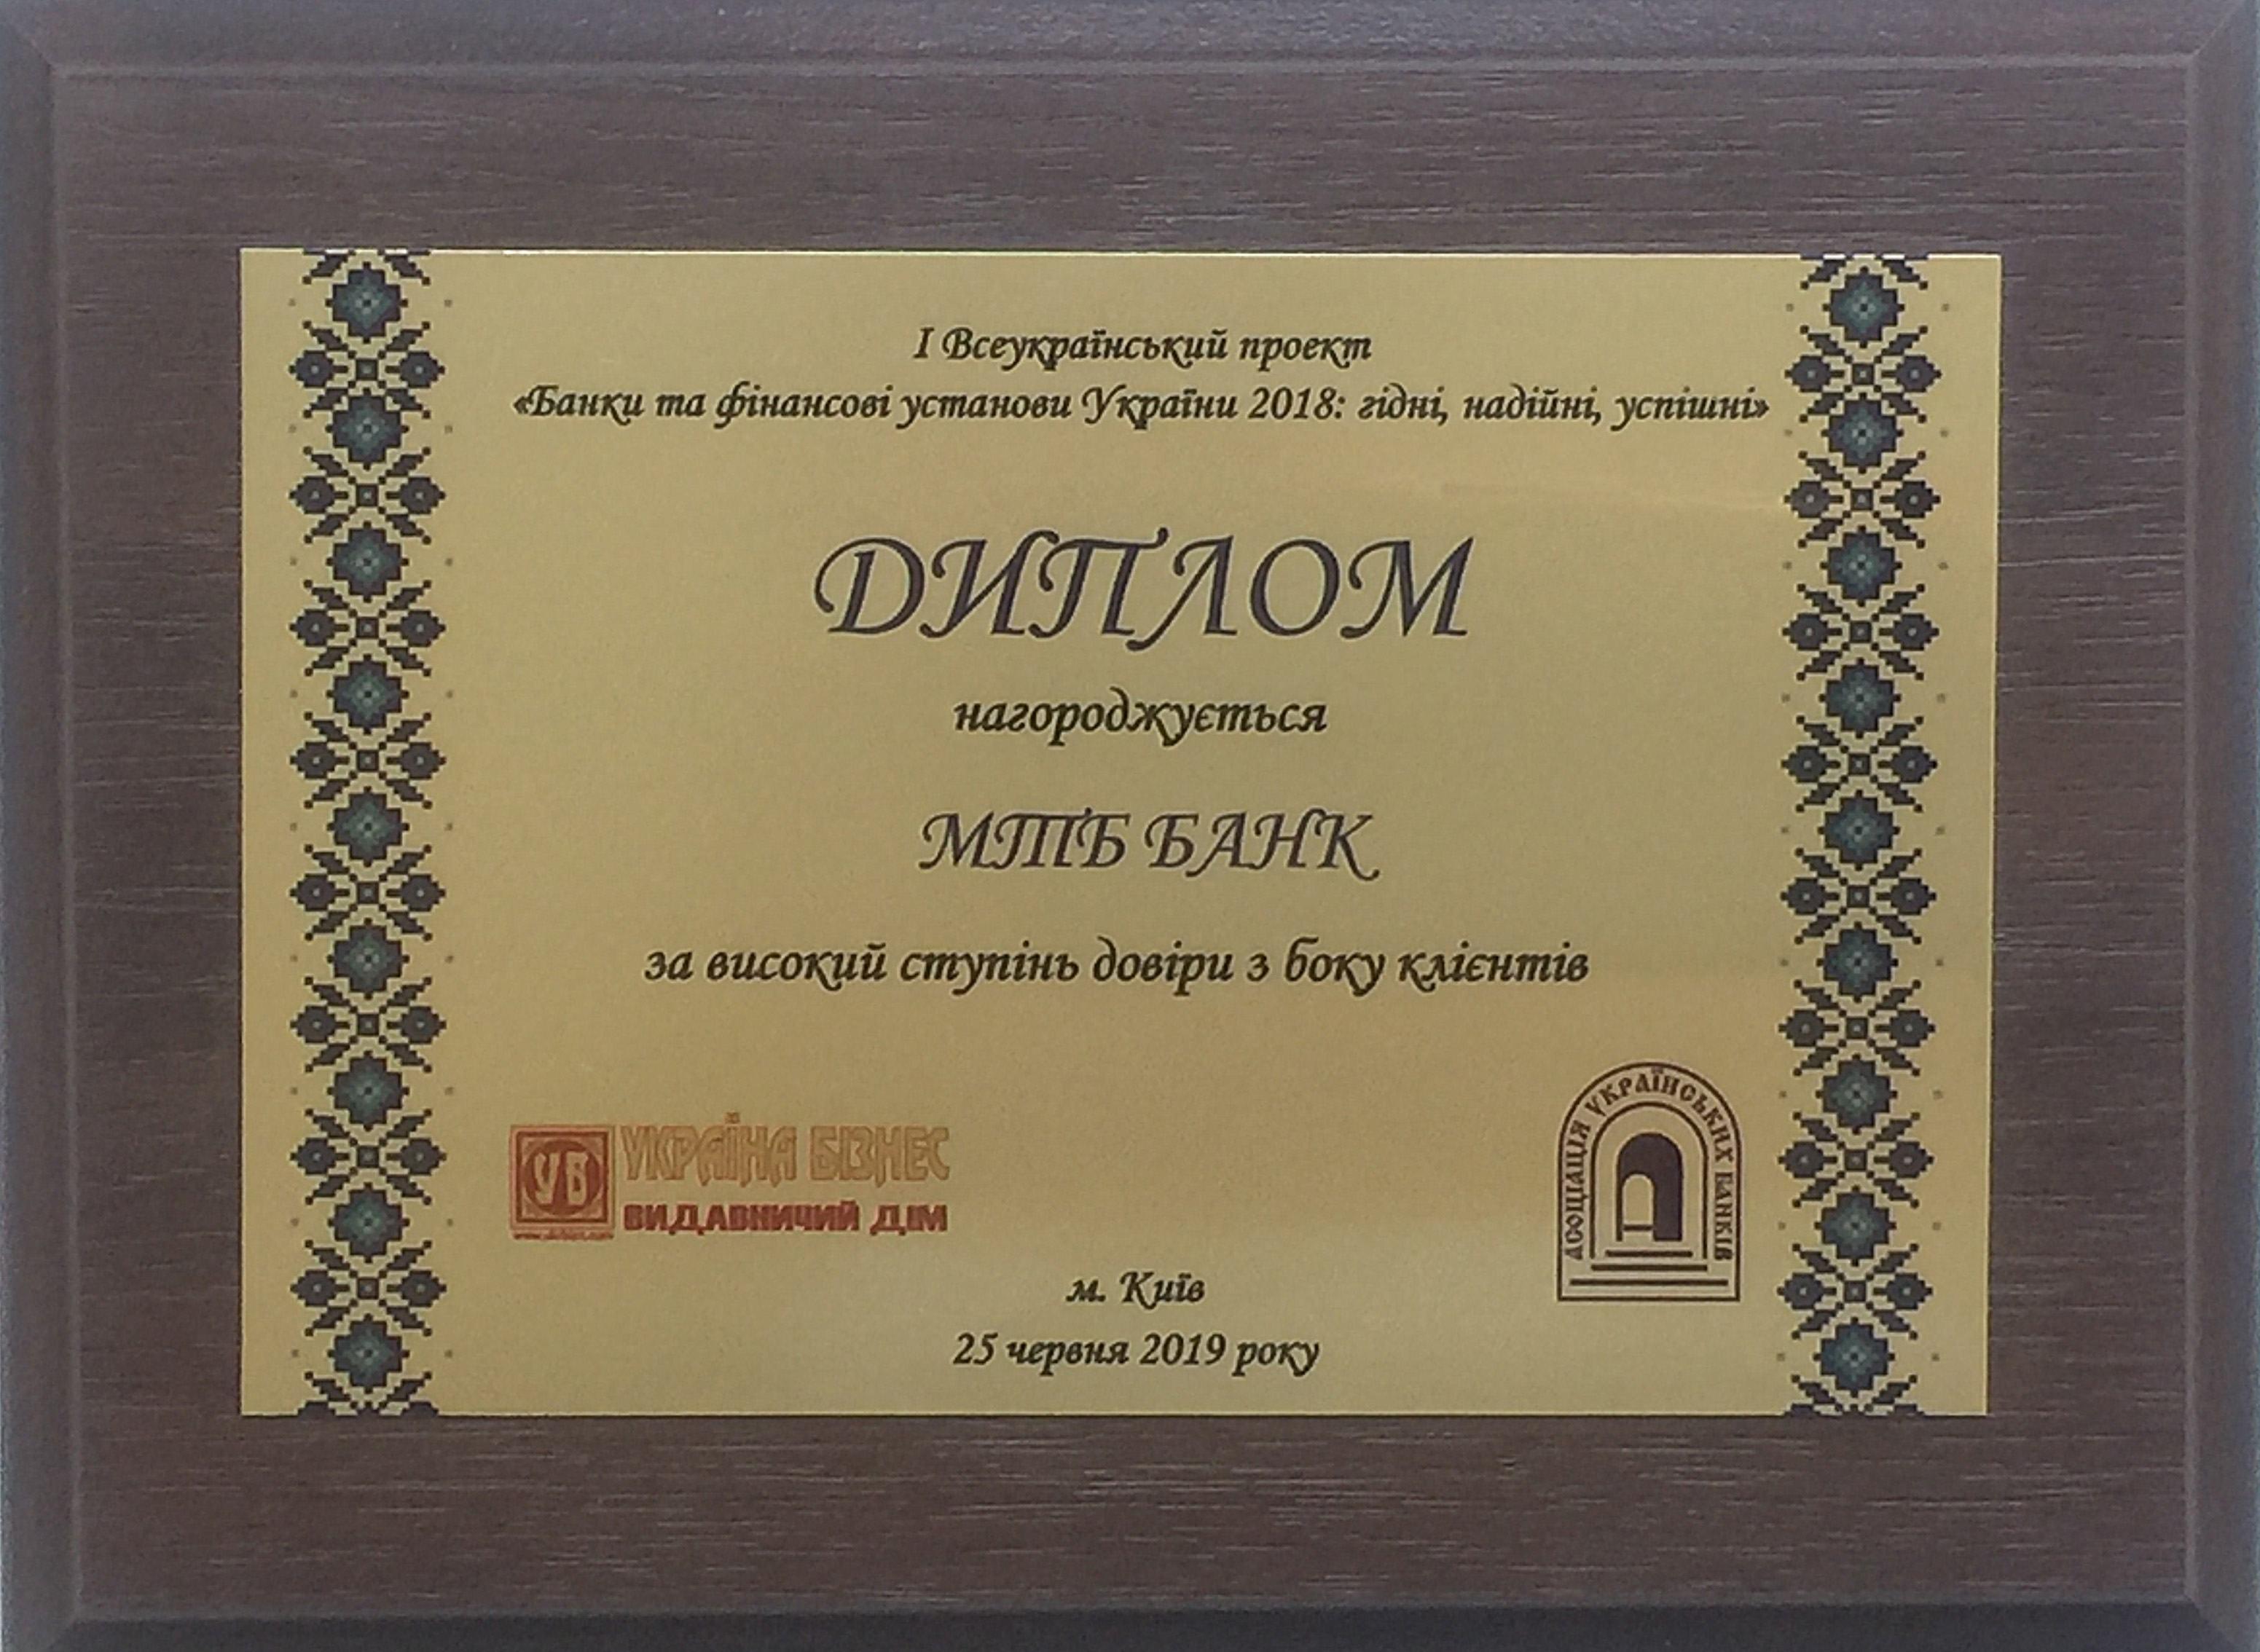 Висока довіра клієнтів - найкраща нагорода для нас! - фото 2 - mtb.ua